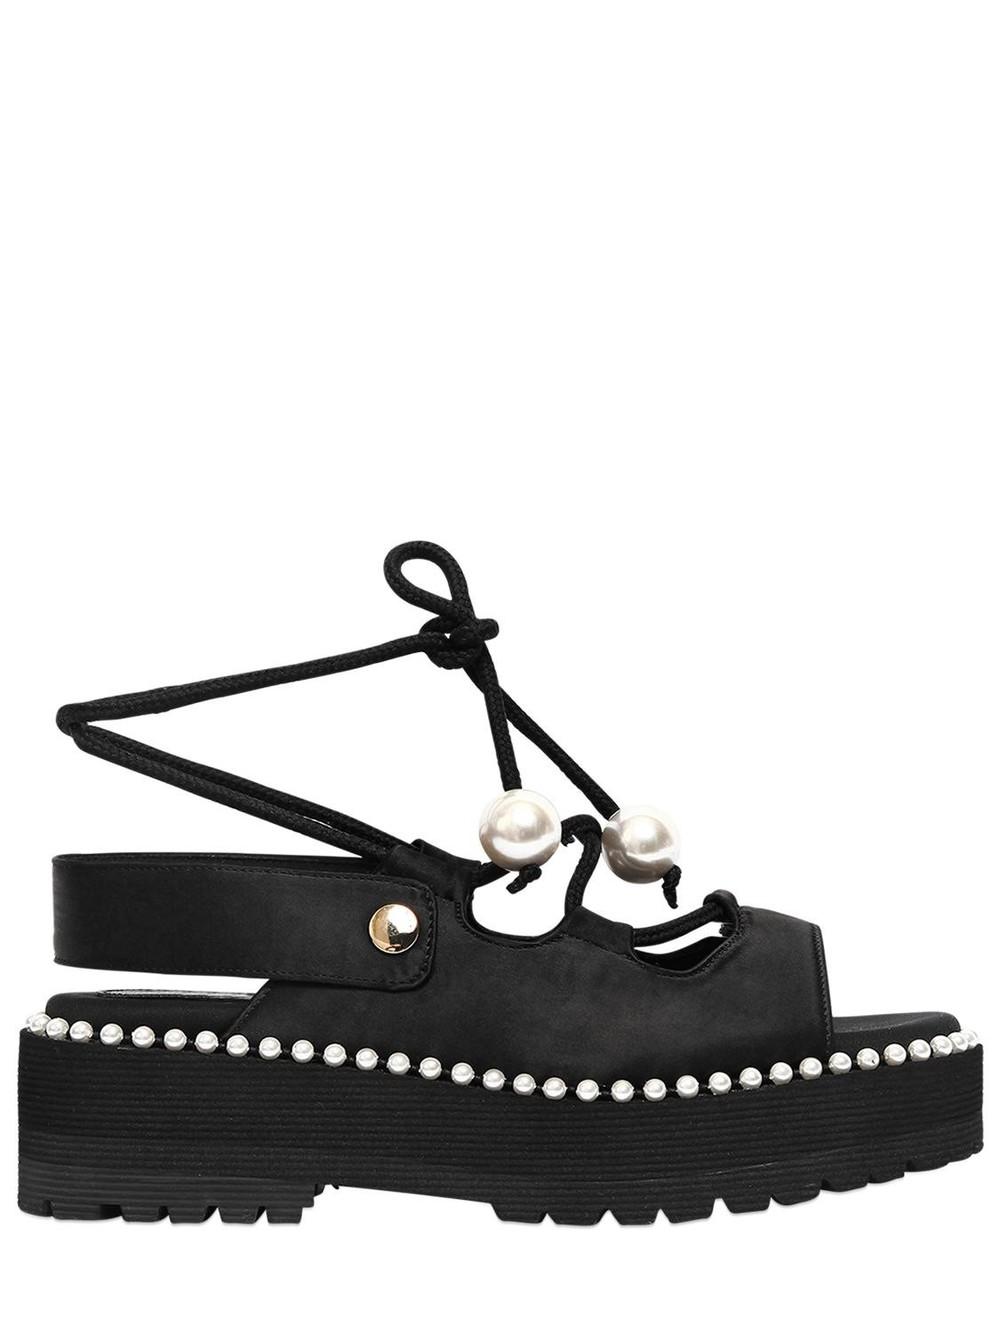 SUECOMMA BONNIE 60mm Satin Lace-up Platform Sandals in black